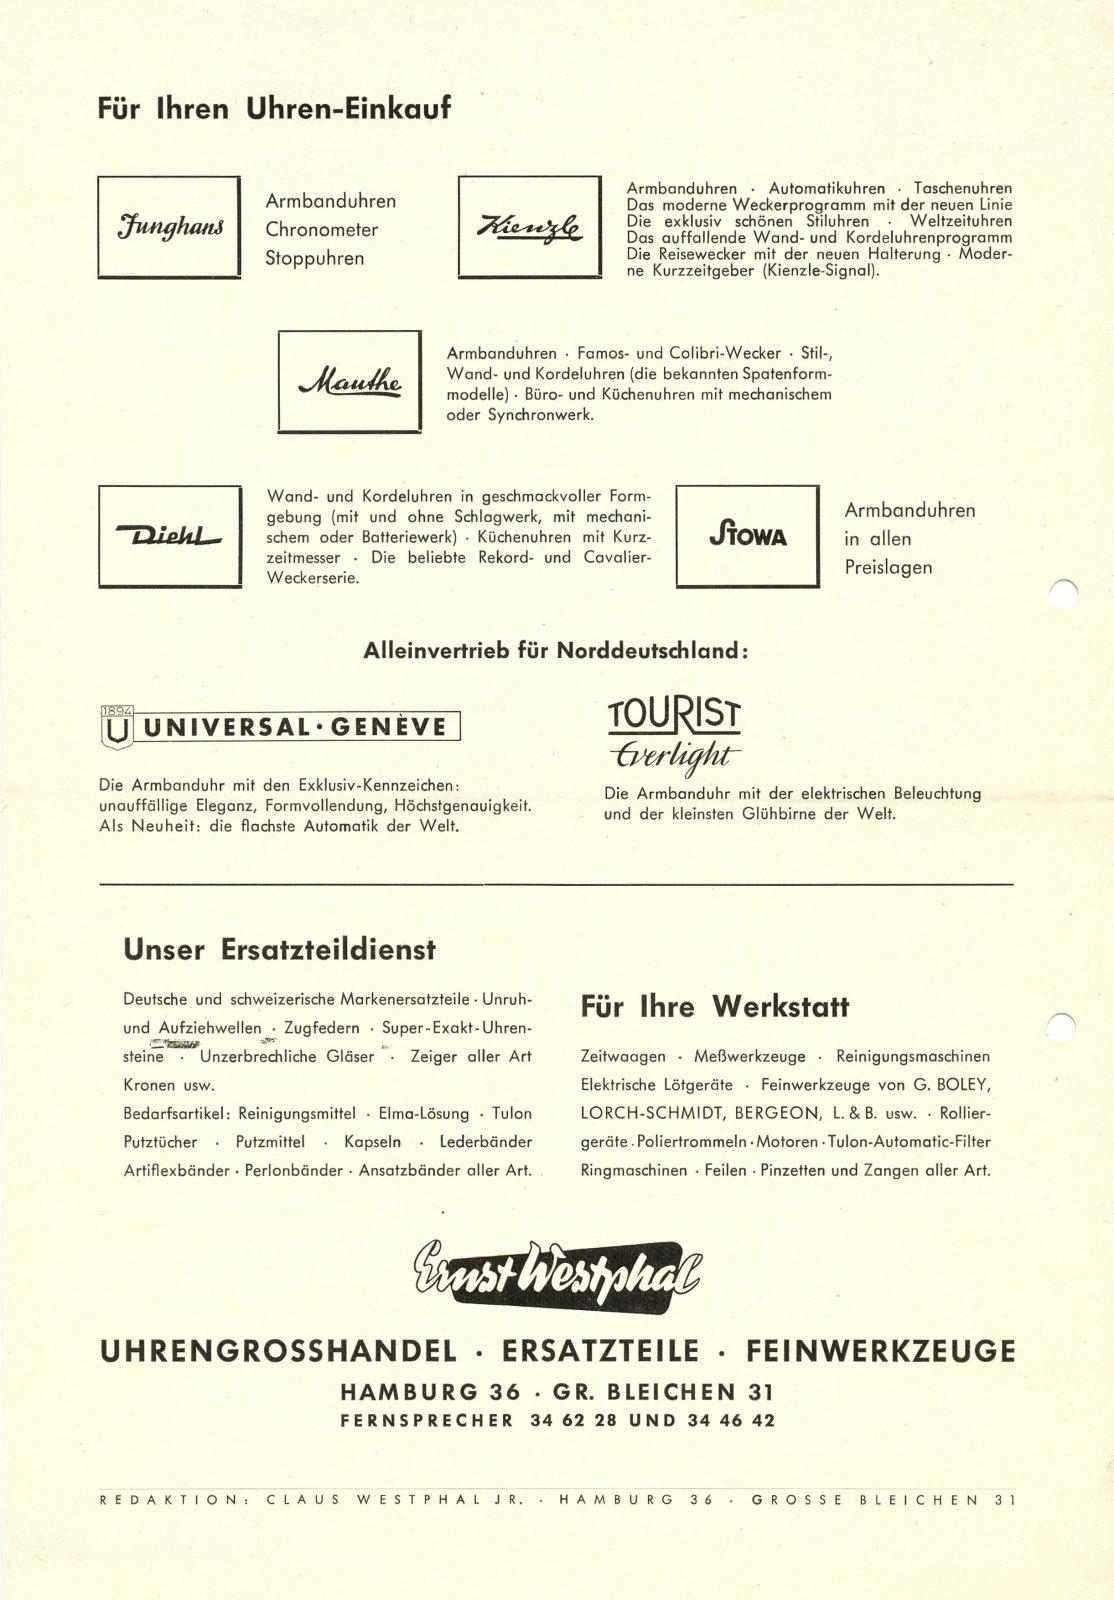 Hanseaten Linie Seite 4.jpg